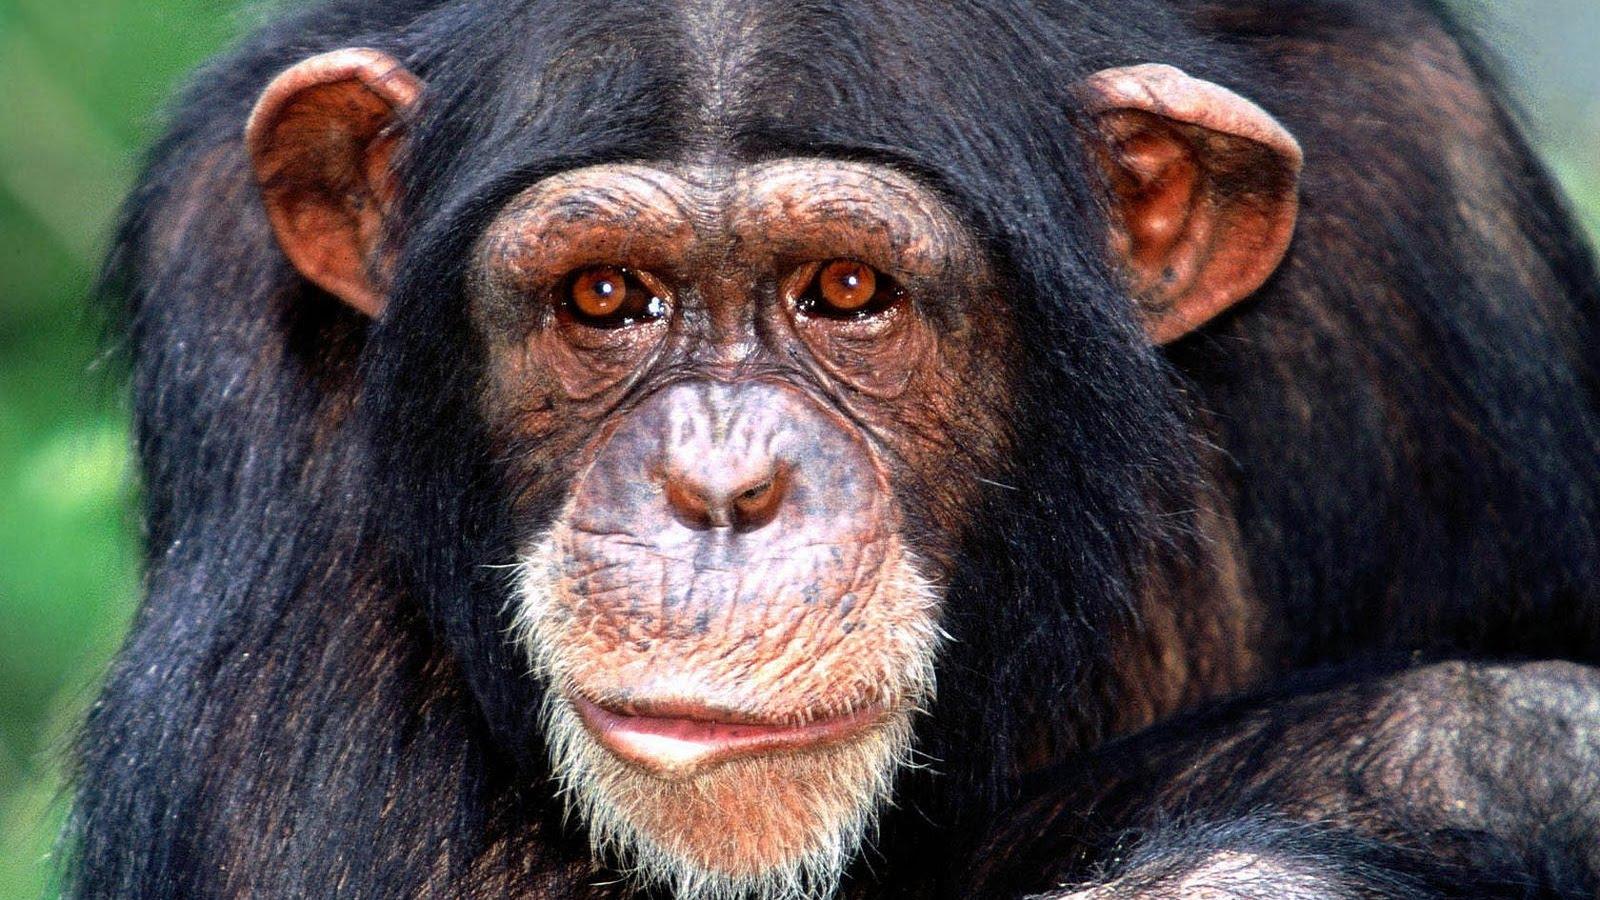 LSV: Sramno revidiranje Darvinove teorije evolucije